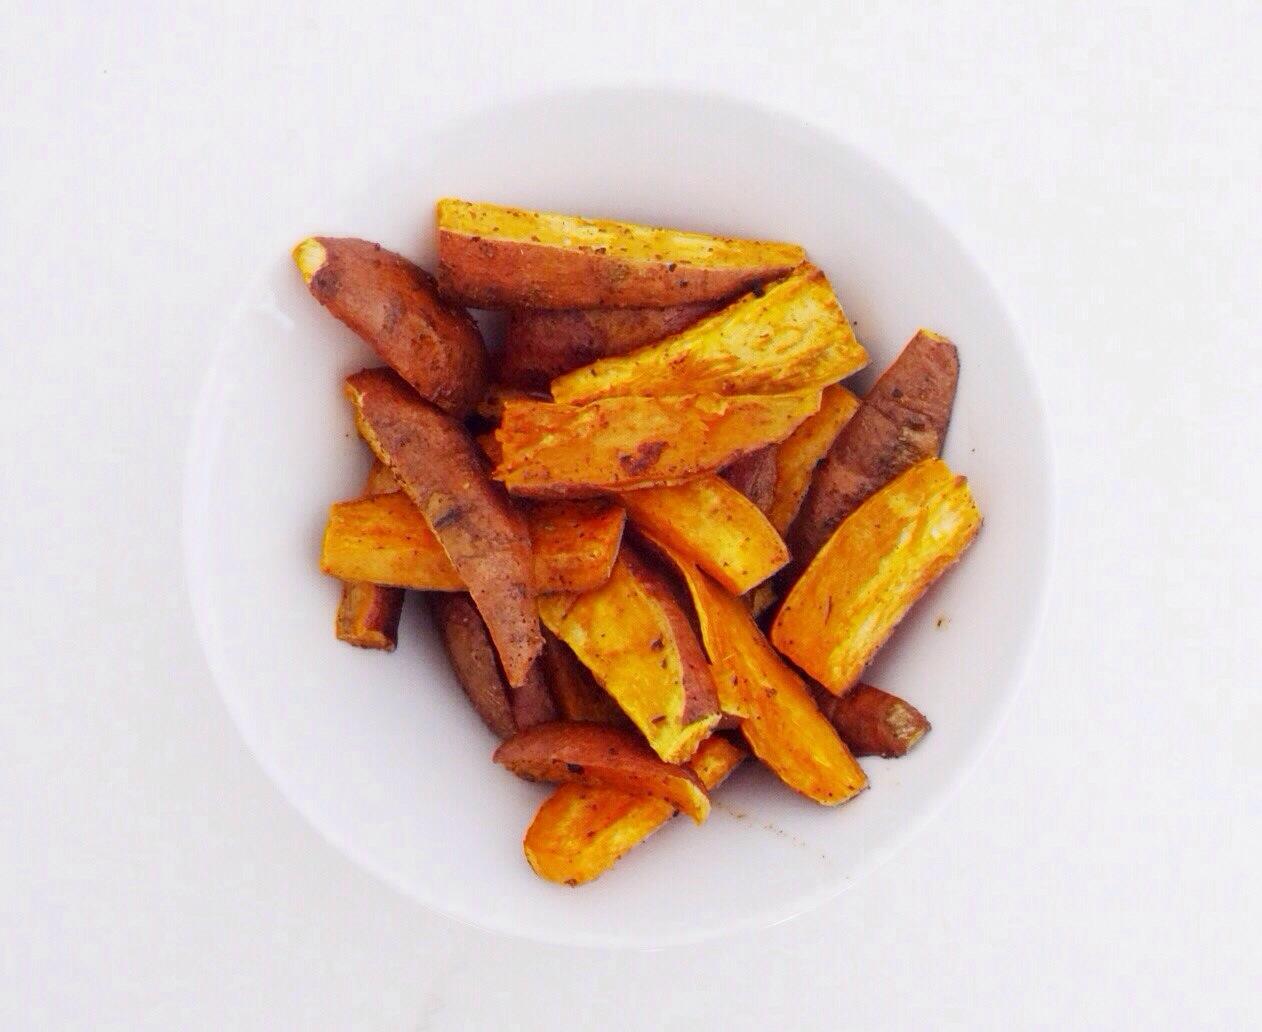 Recette minceur patate douce